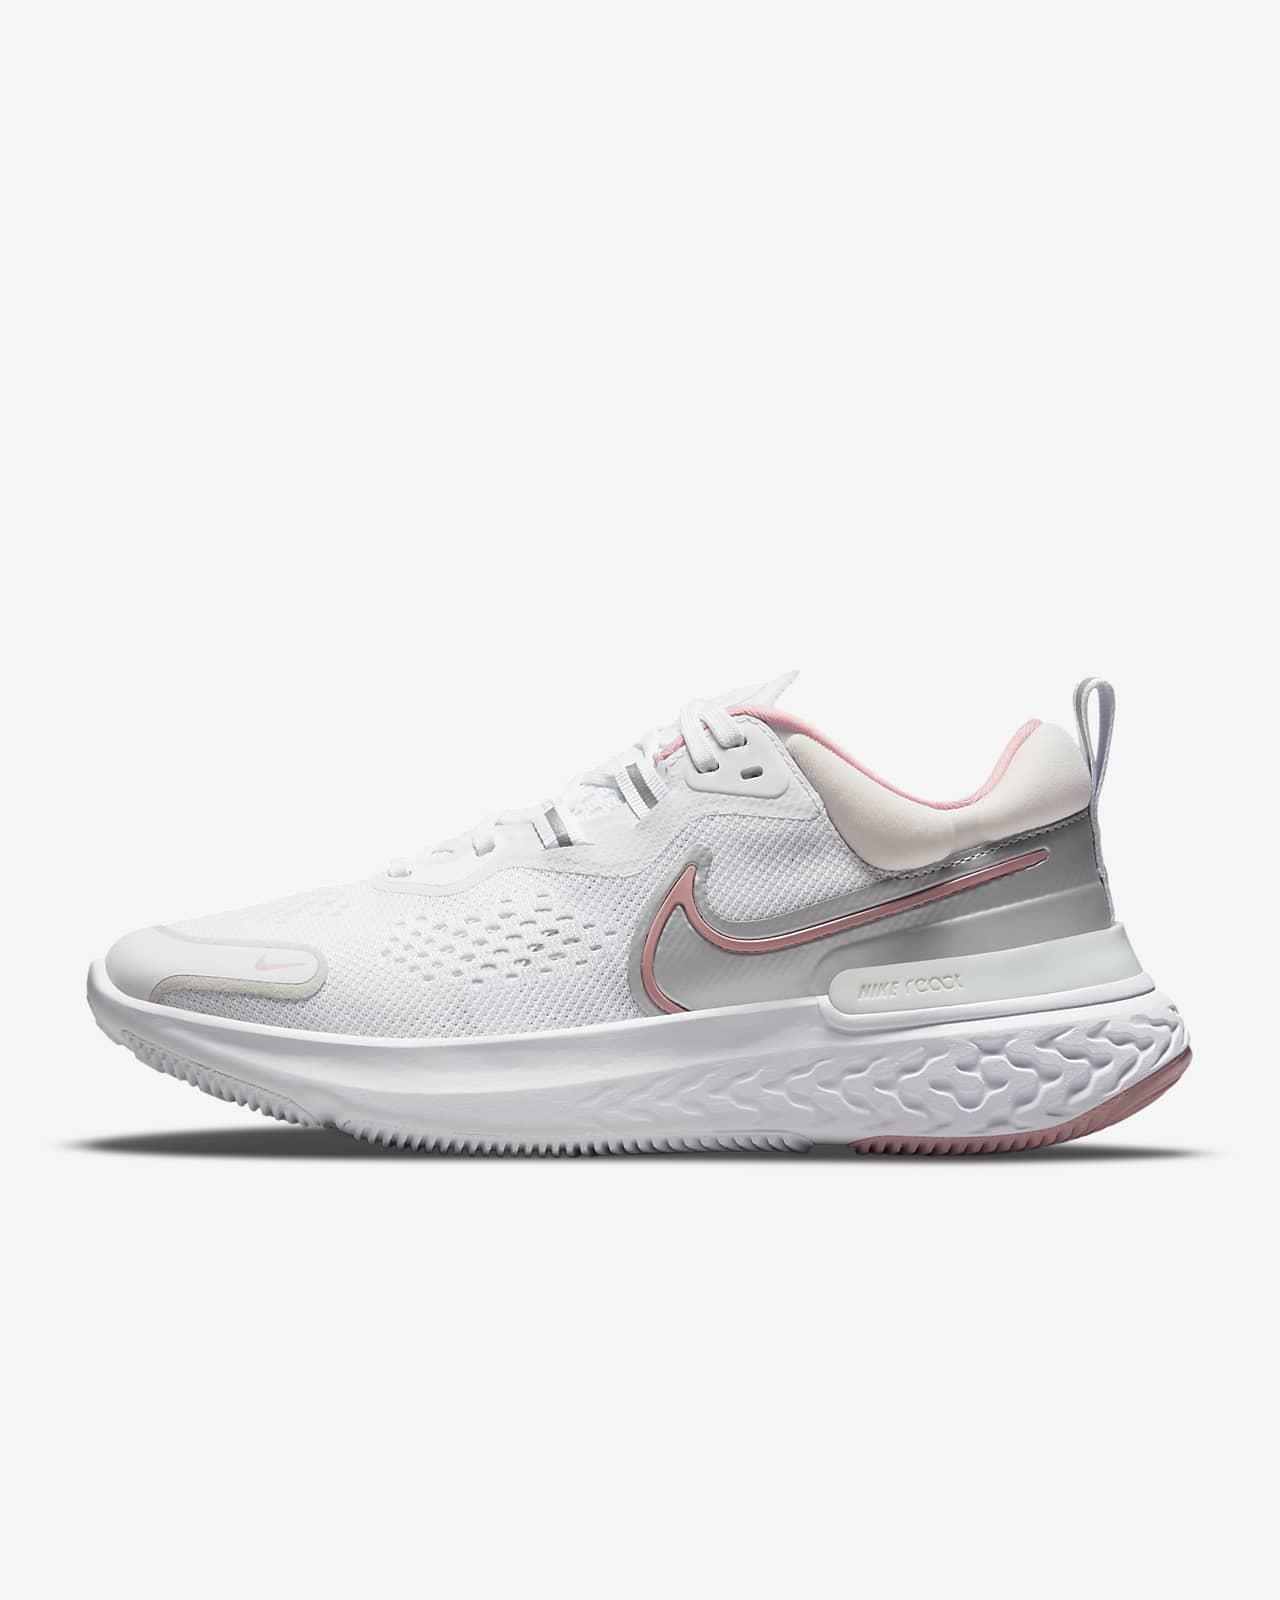 Löparskr för hårt underlag Nike React Miler 2 för kvinnor